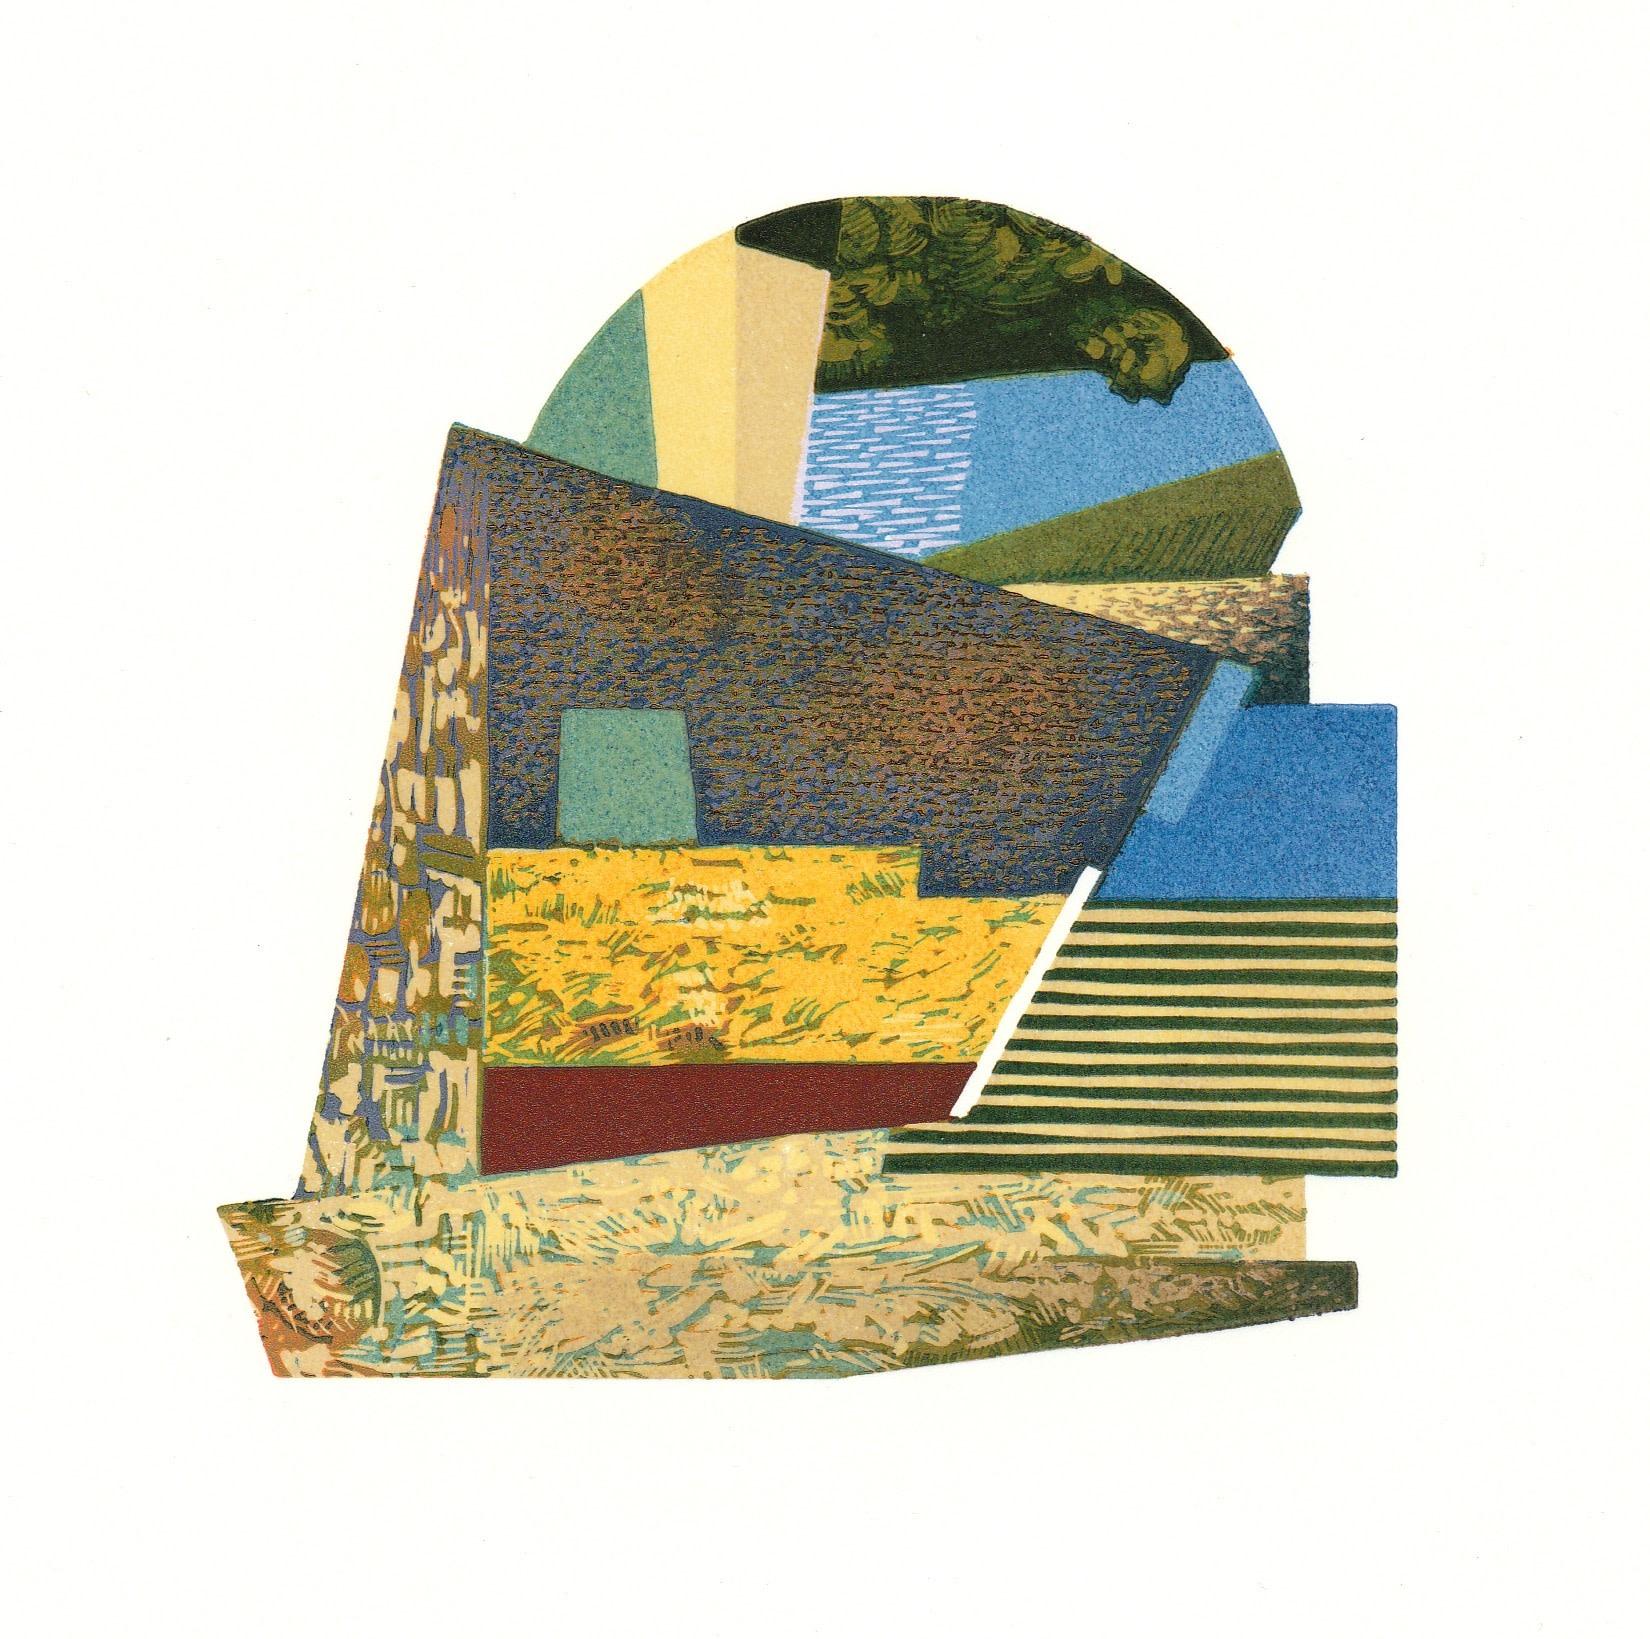 """<span class=""""link fancybox-details-link""""><a href=""""/exhibitions/20/works/artworks_standalone10768/"""">View Detail Page</a></span><div class=""""artist""""><span class=""""artist""""><strong>Roy Willingham RE</strong></span></div><div class=""""title""""><em>Volterra Arch</em></div><div class=""""medium"""">linocut</div><div class=""""dimensions"""">10 x 10cm image size</div><div class=""""edition_details"""">edition of 12</div>"""